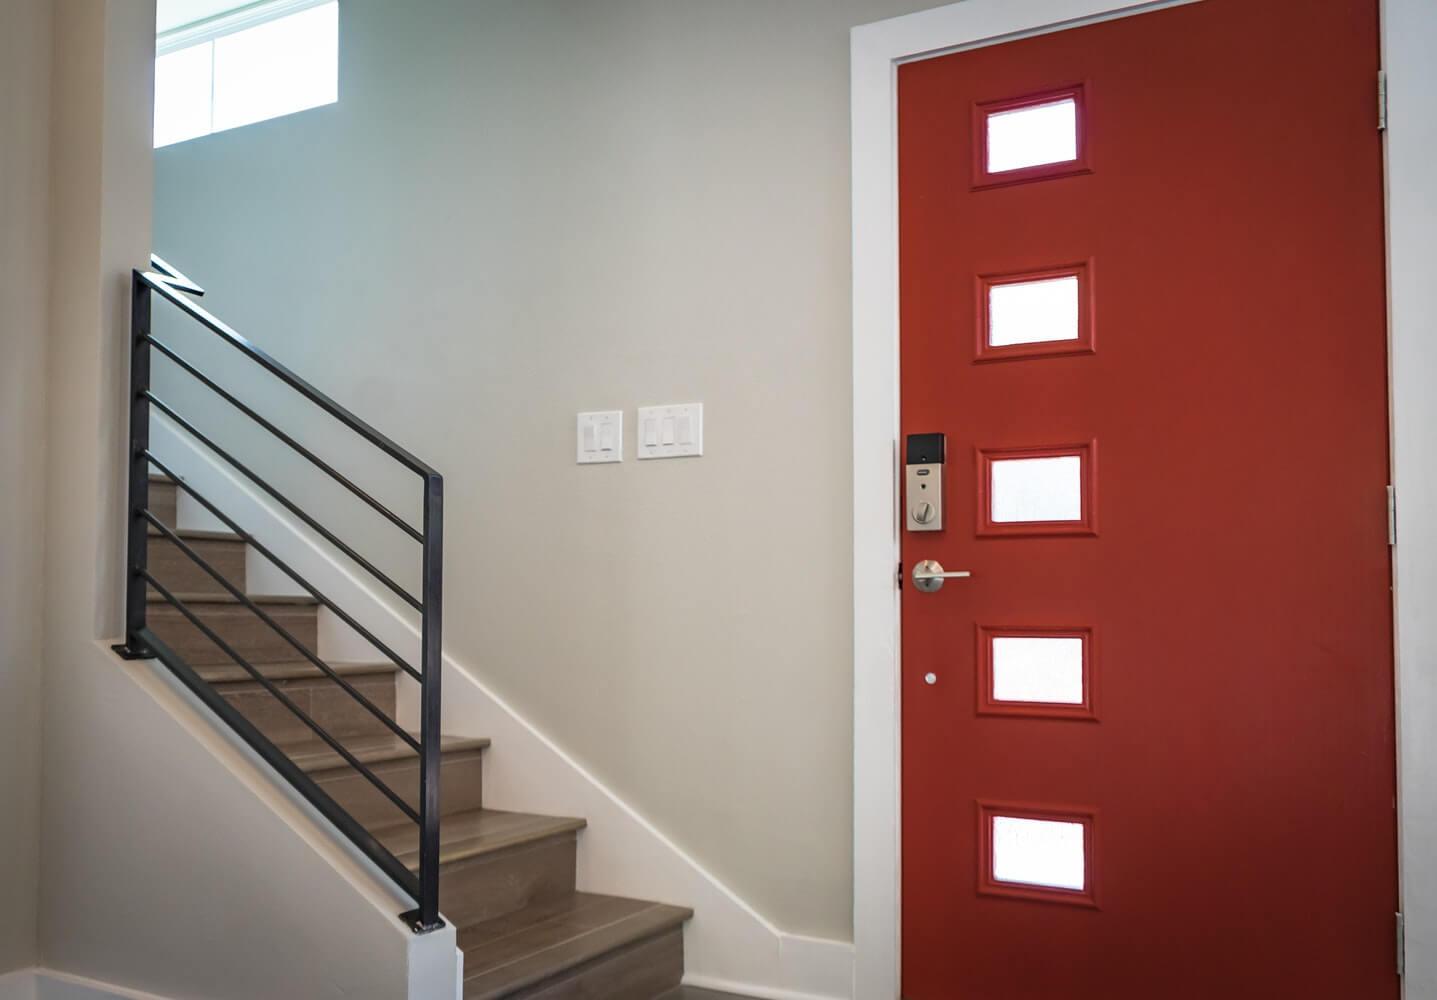 çelik kapı, çelik kapı modelleri, çelik kapı fiyatları, istanbulda çelik kapı firmaları, uygun çelik kapı, çelik kapı modelleri 2019, çelik kapı modelleri 2020, çelik kapı modelleri 2021